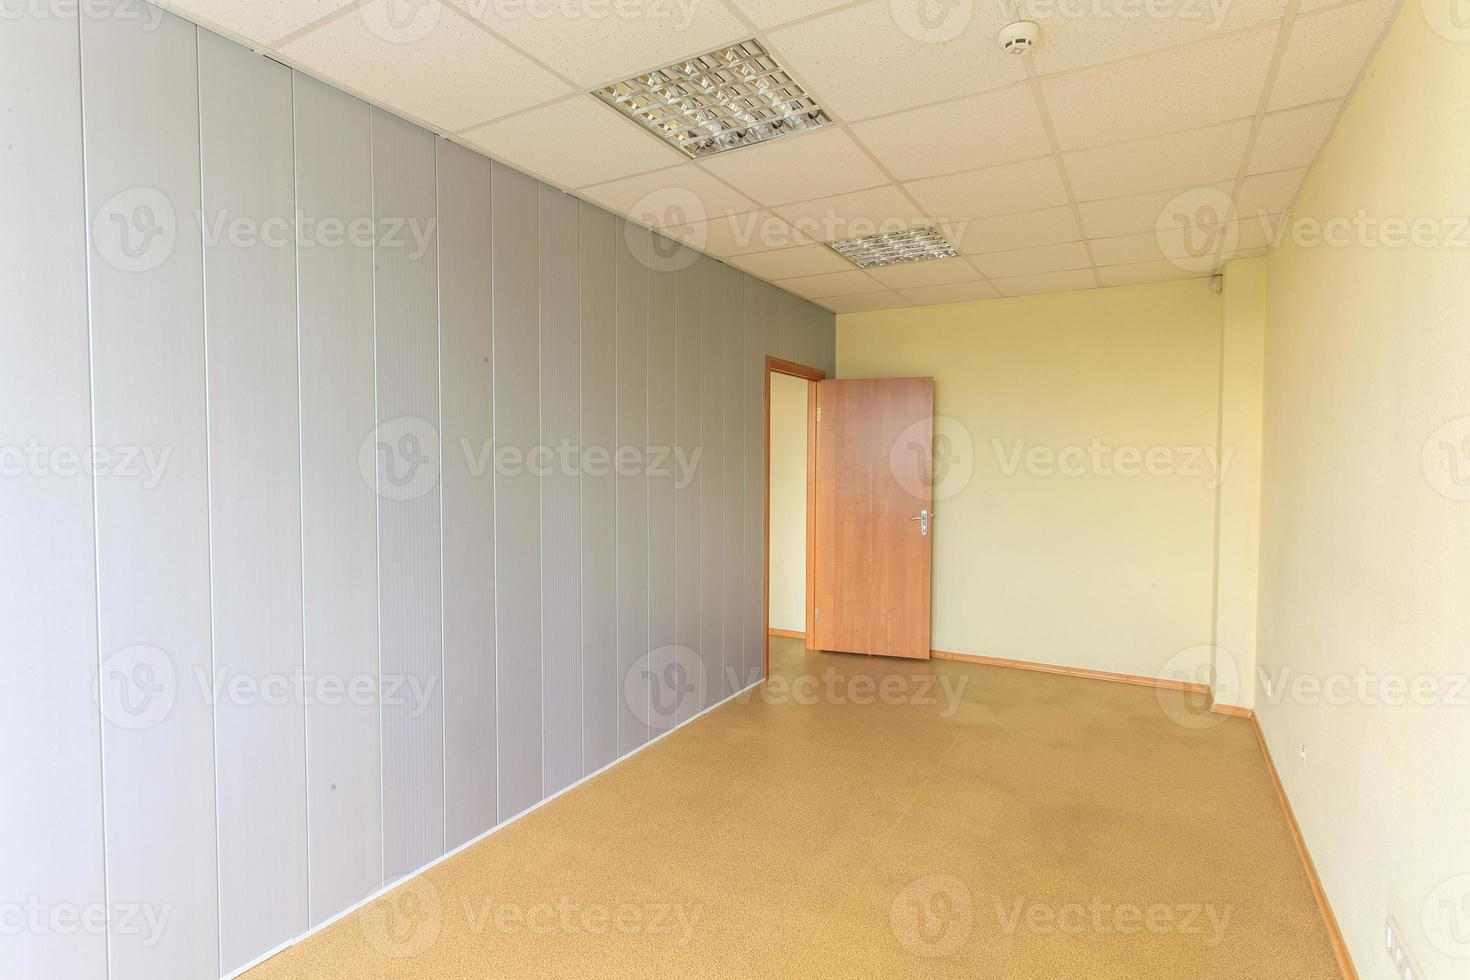 petit bureau vide photo